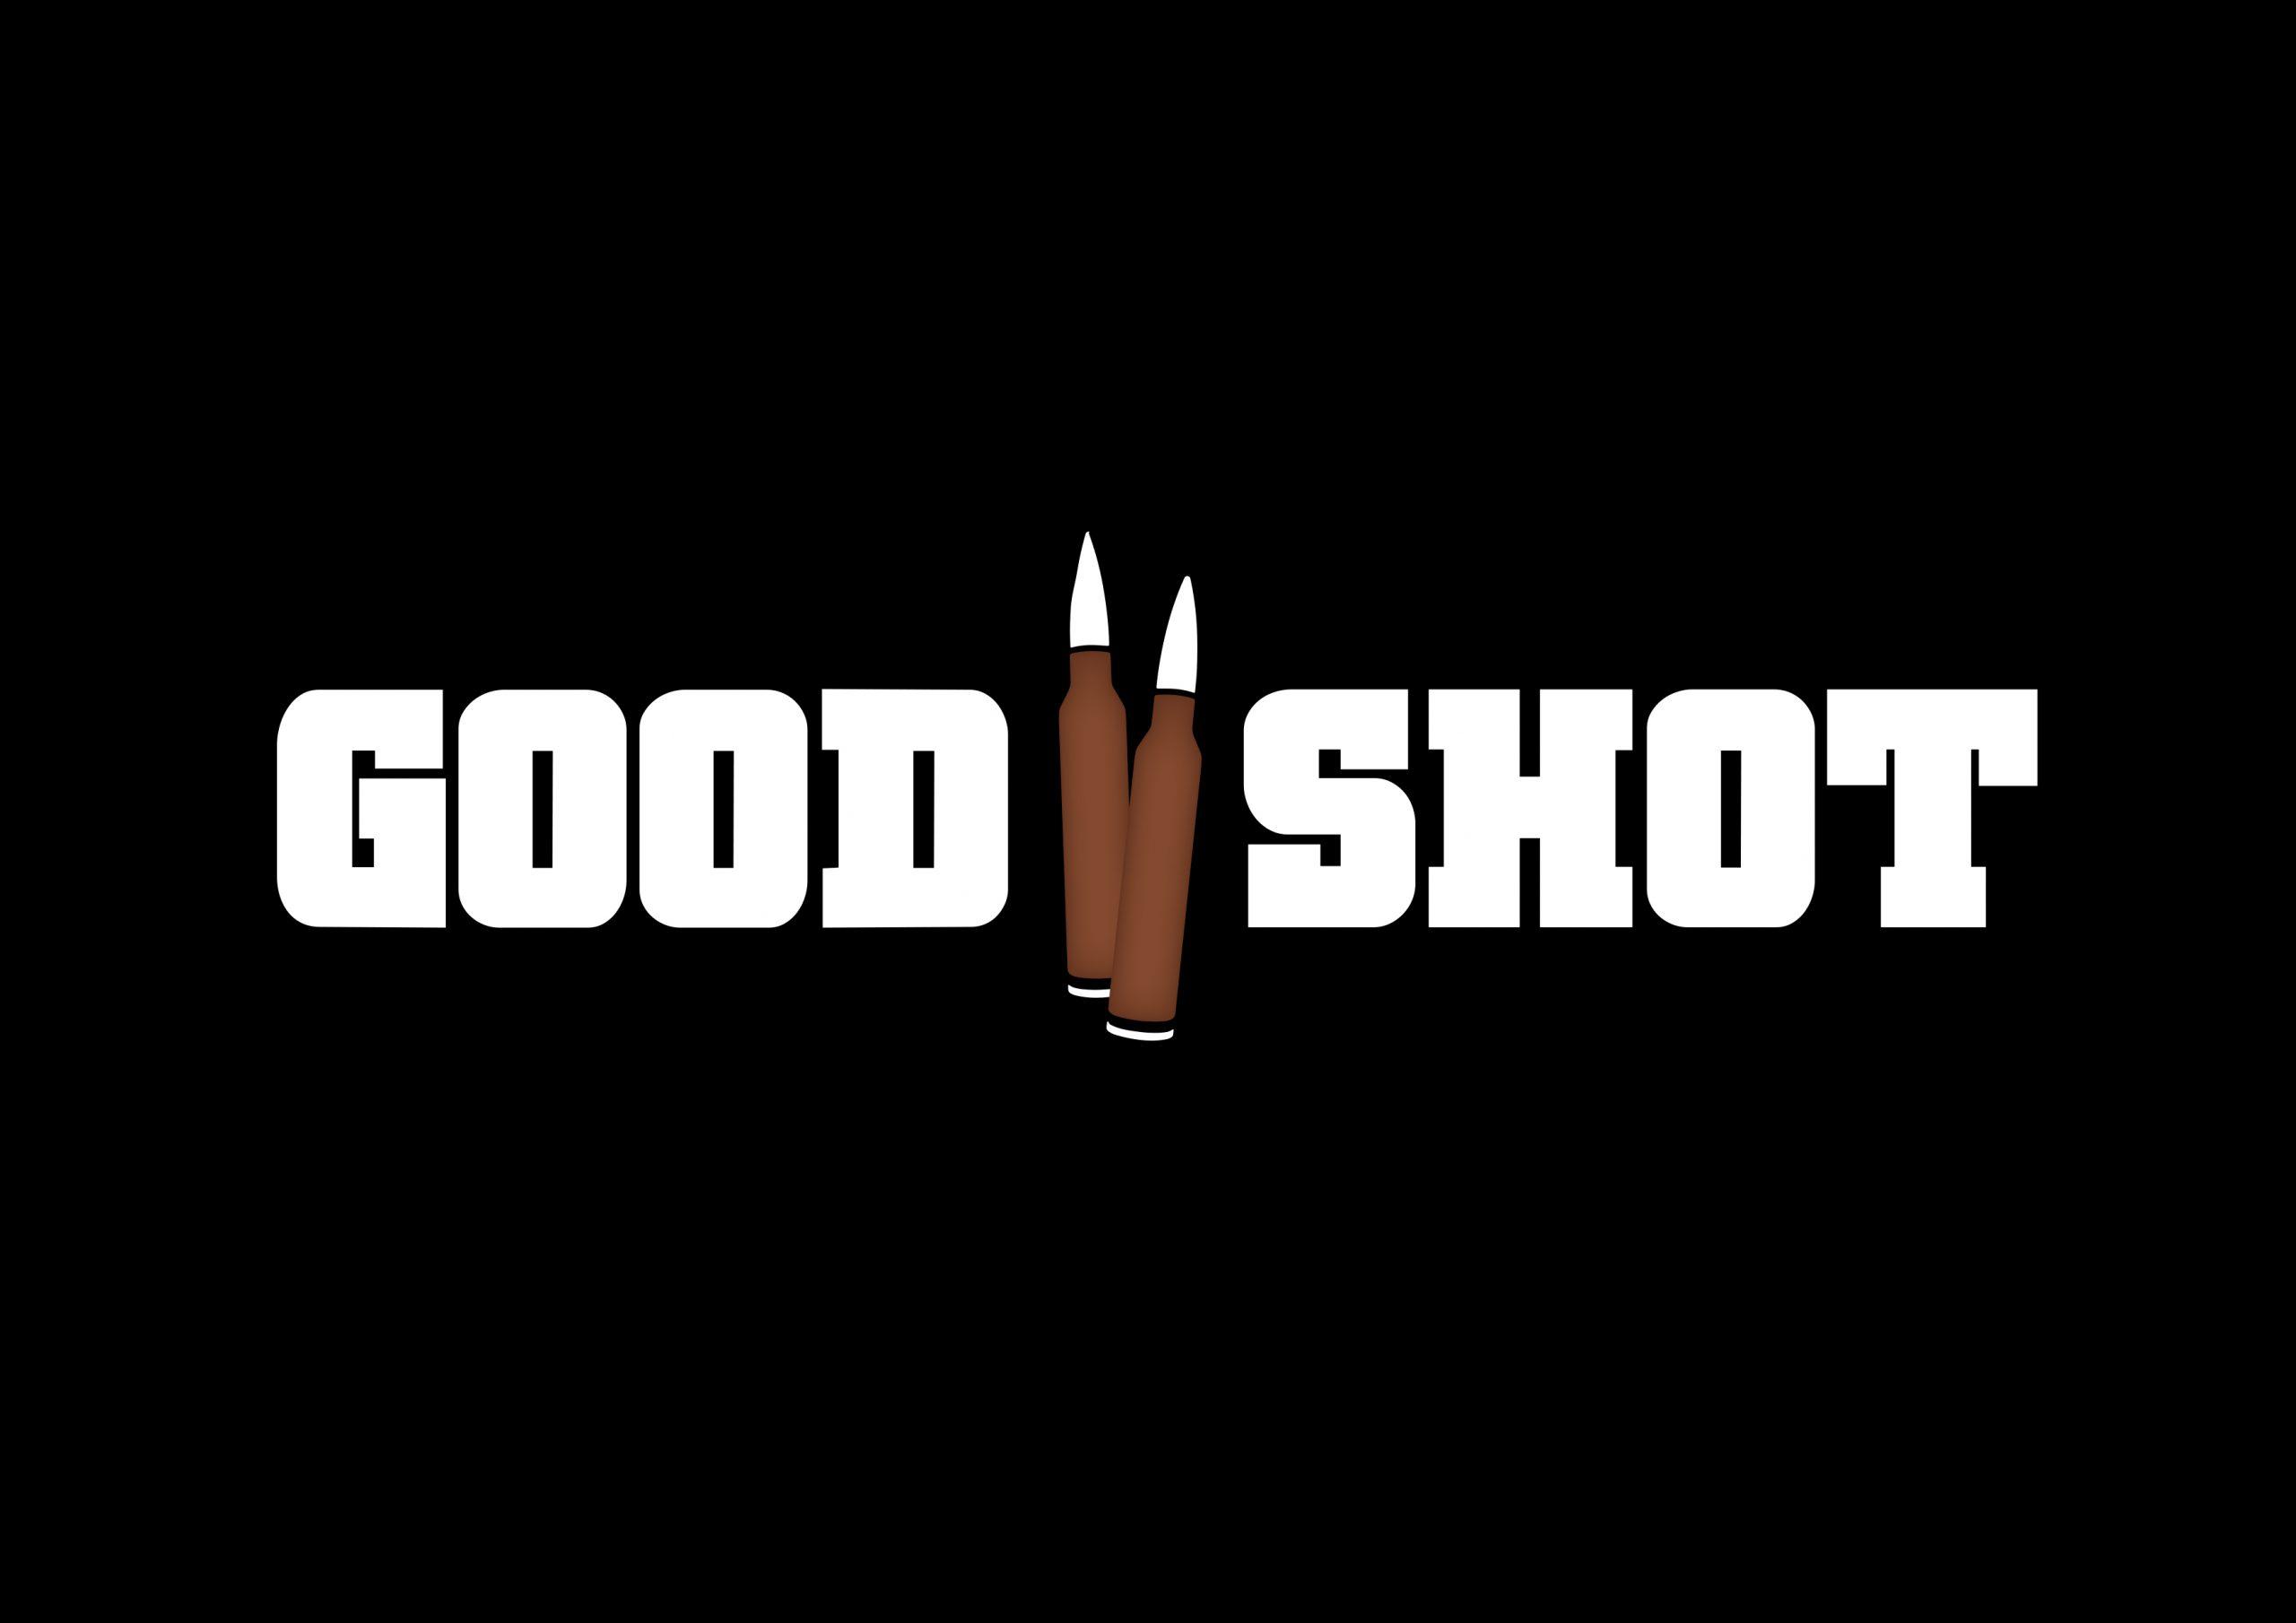 Goodshot